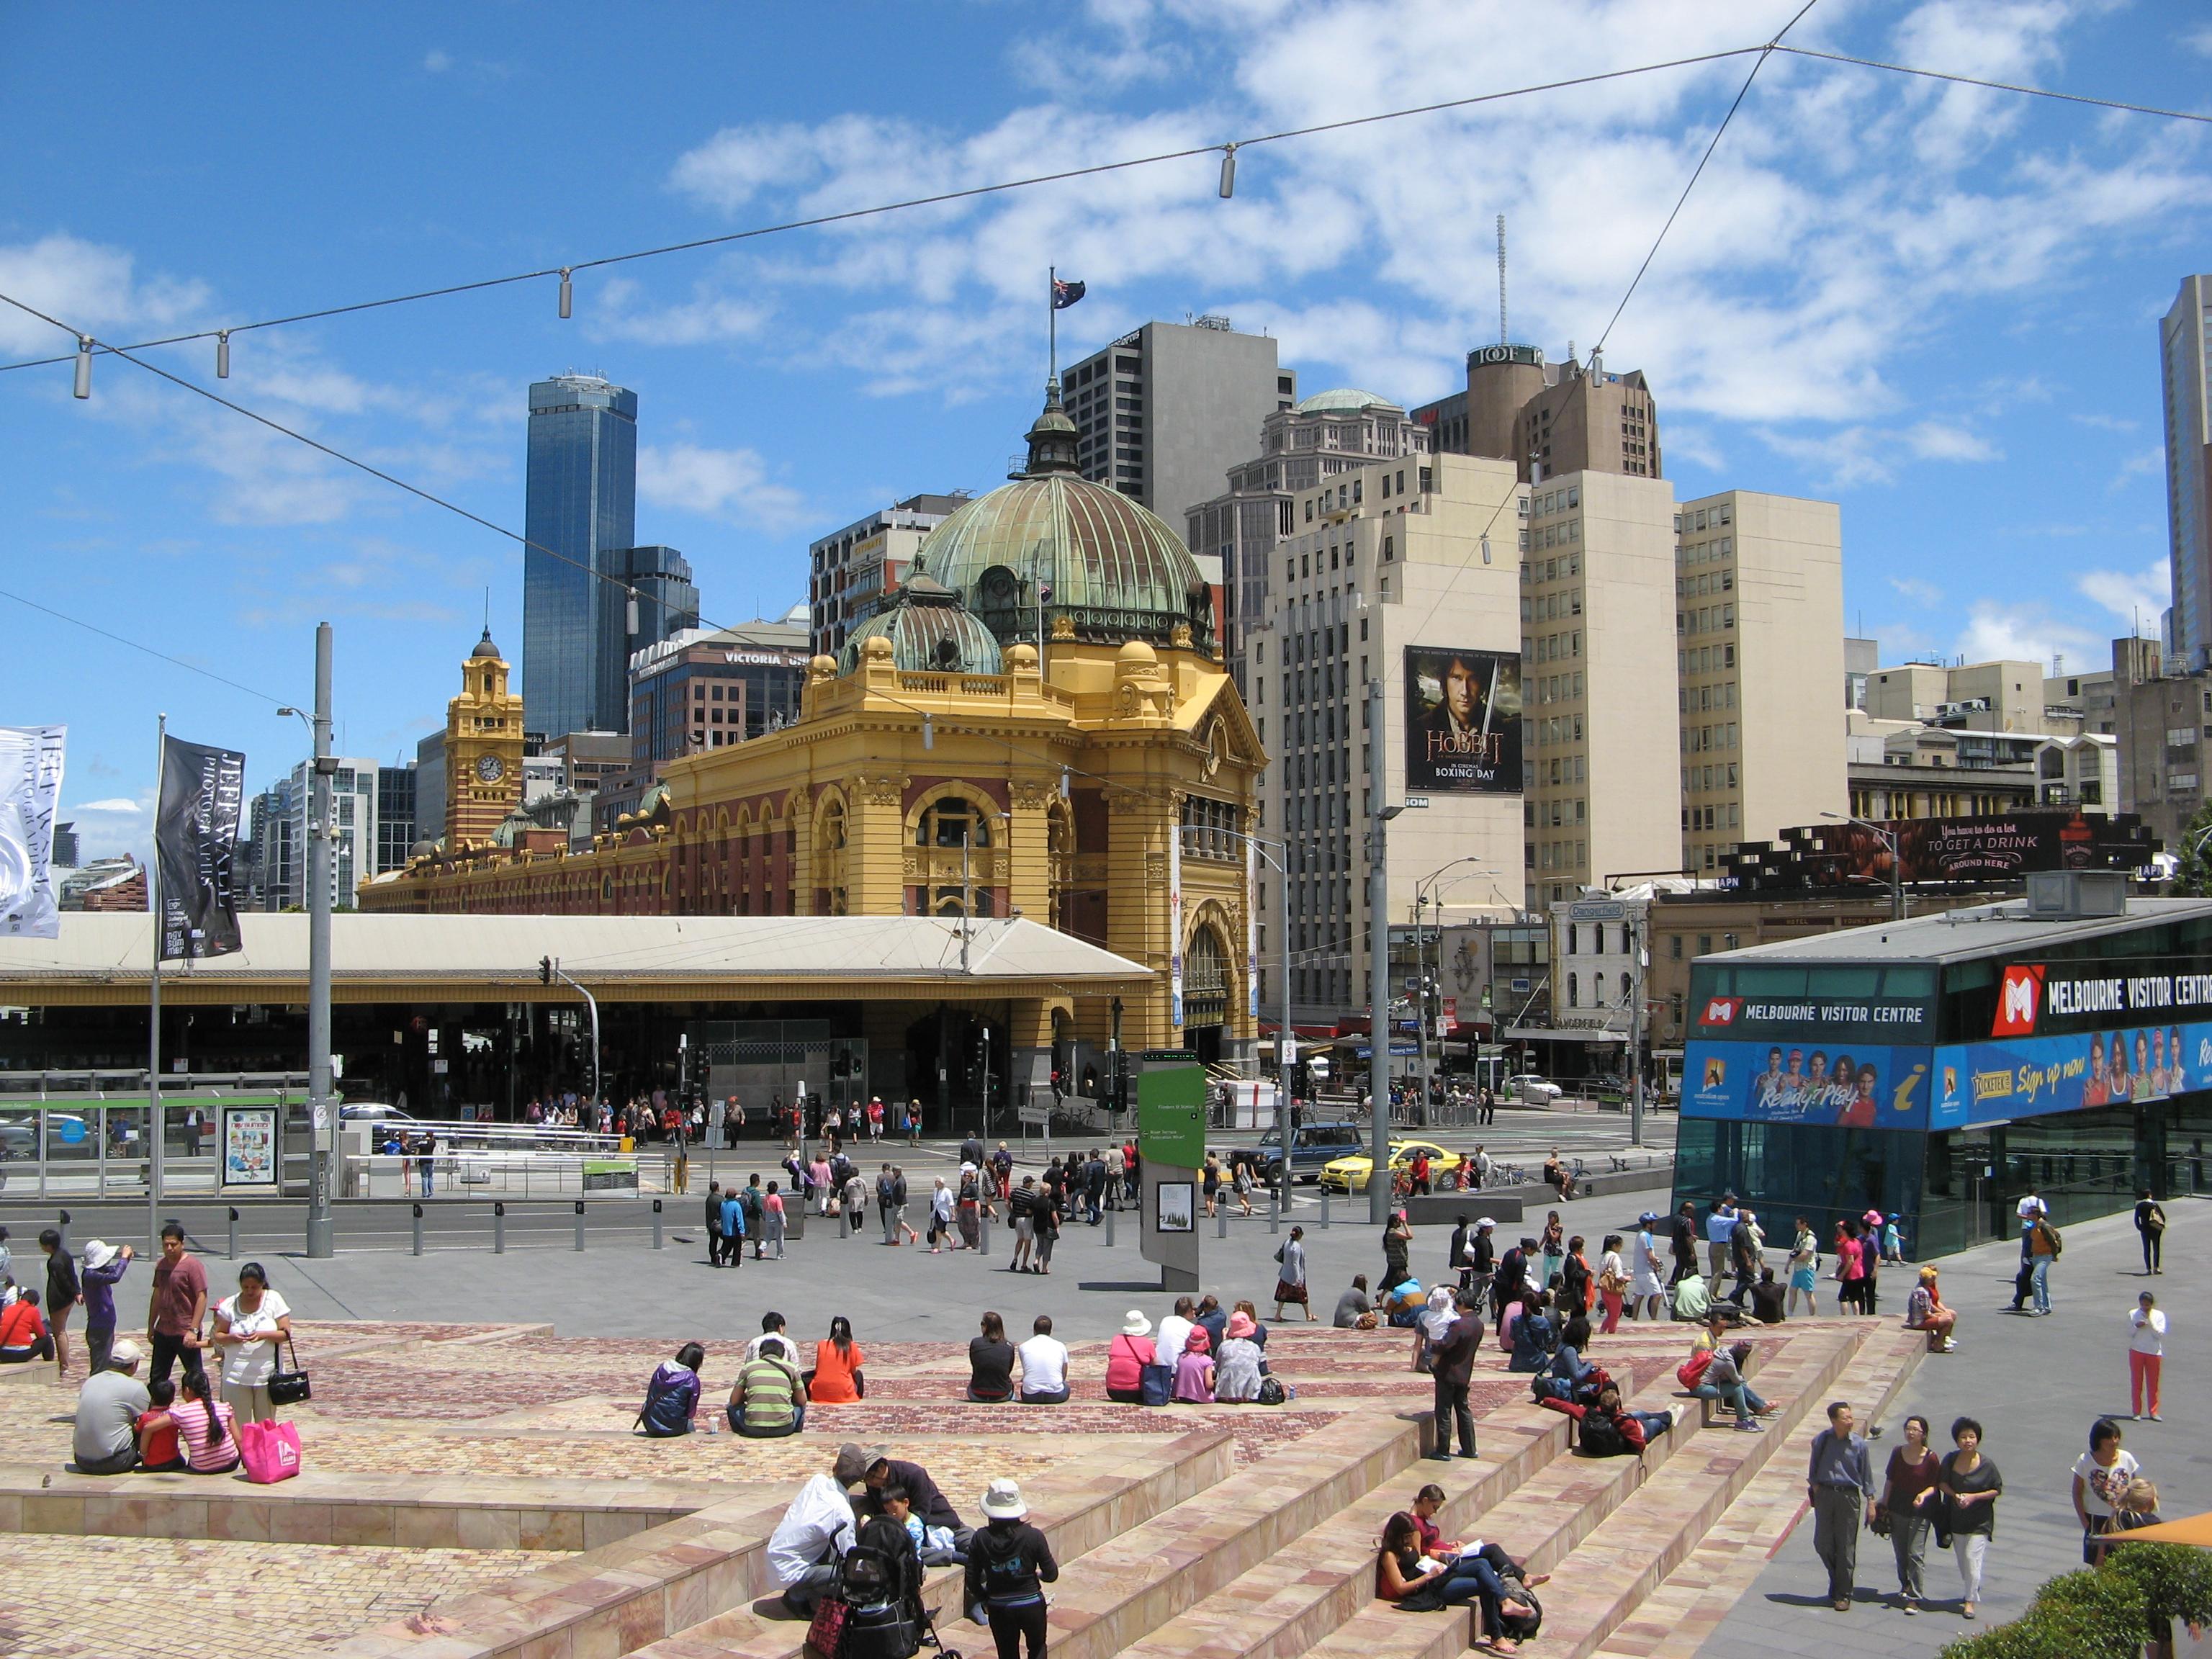 Melbourne Flinders Street stasjon